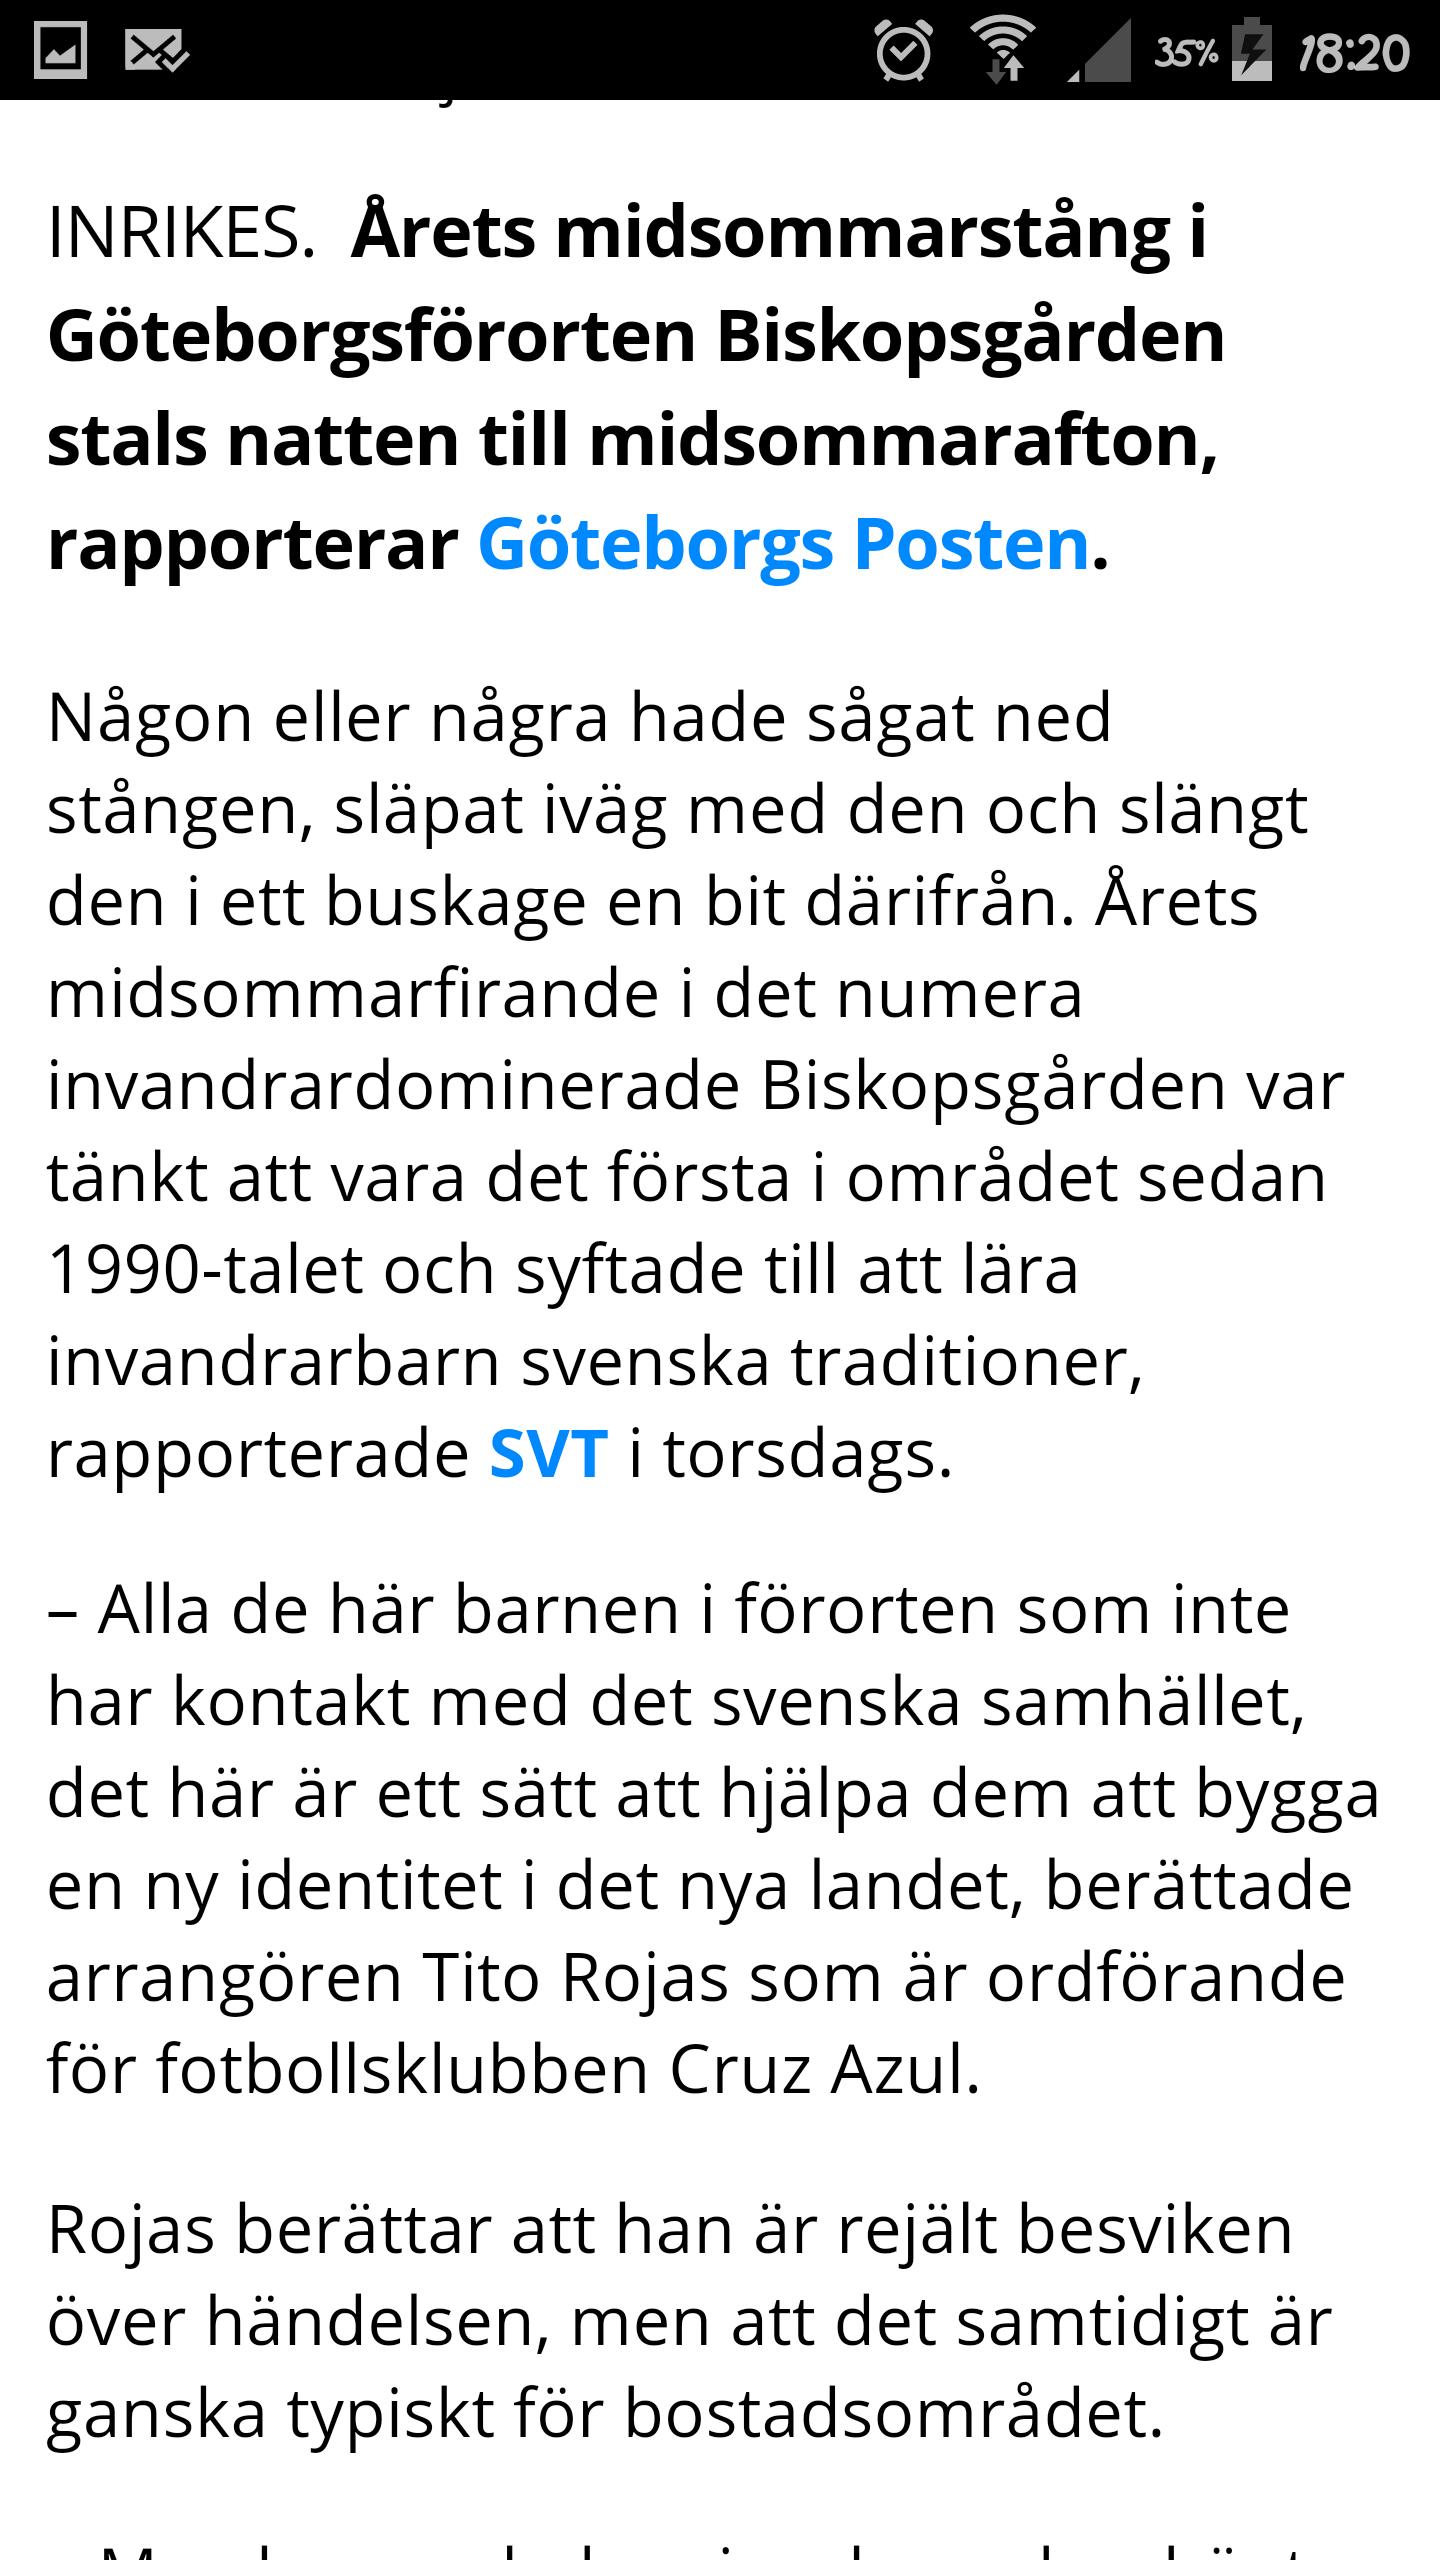 Ruskvdersgatan 20, Biskopsgrden | Properties for - Savills